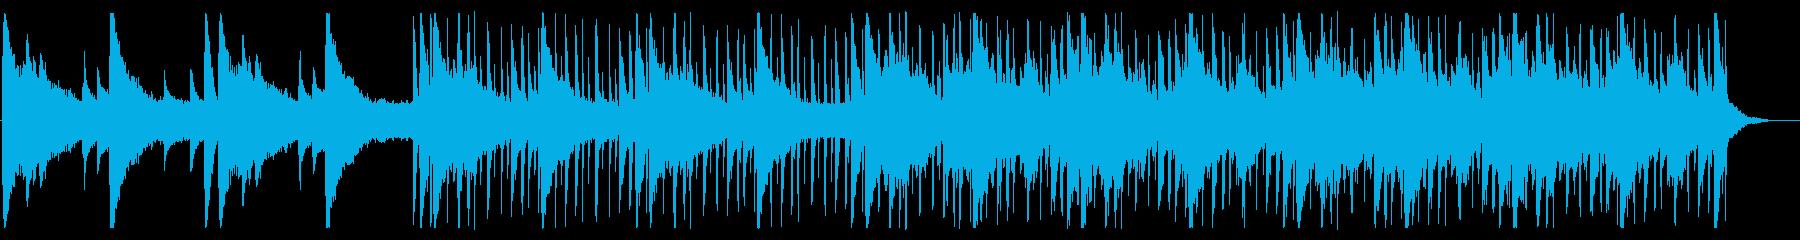 爽やかモーニング/R&B_No598_2の再生済みの波形